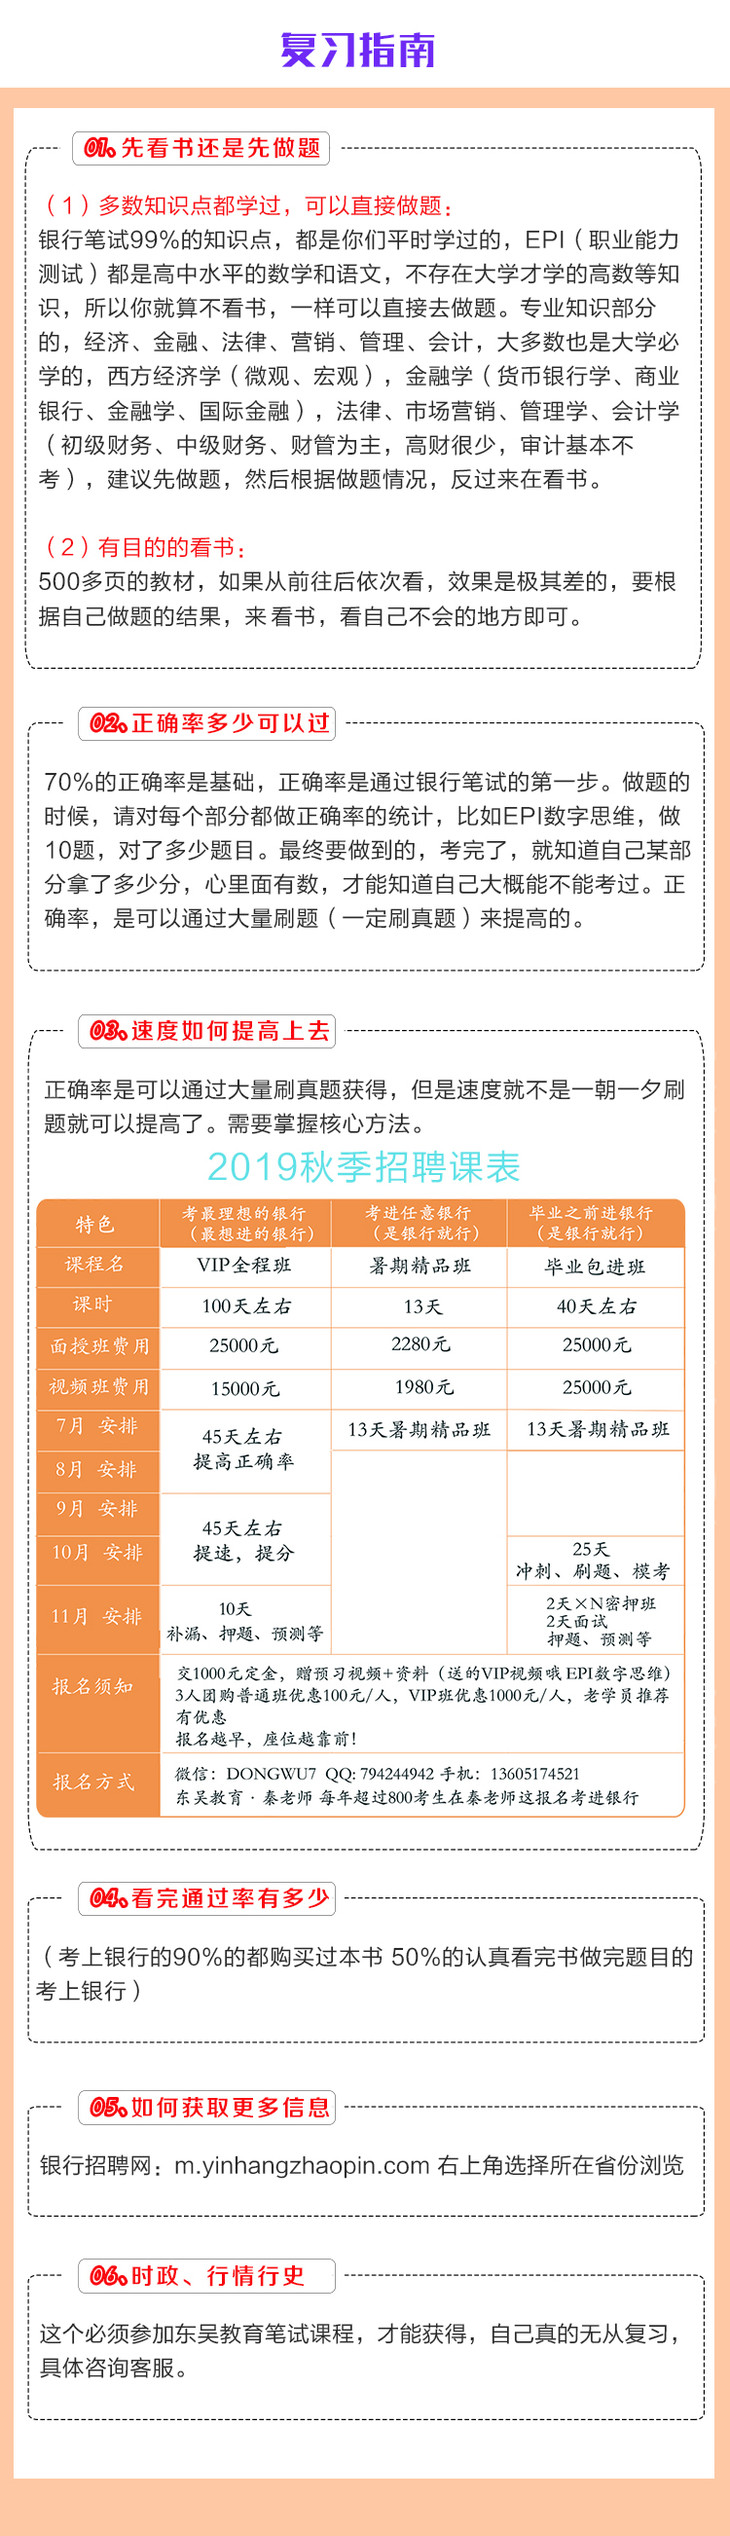 2019全国银行乐虎国际考试指定教材和历年银行真题试卷